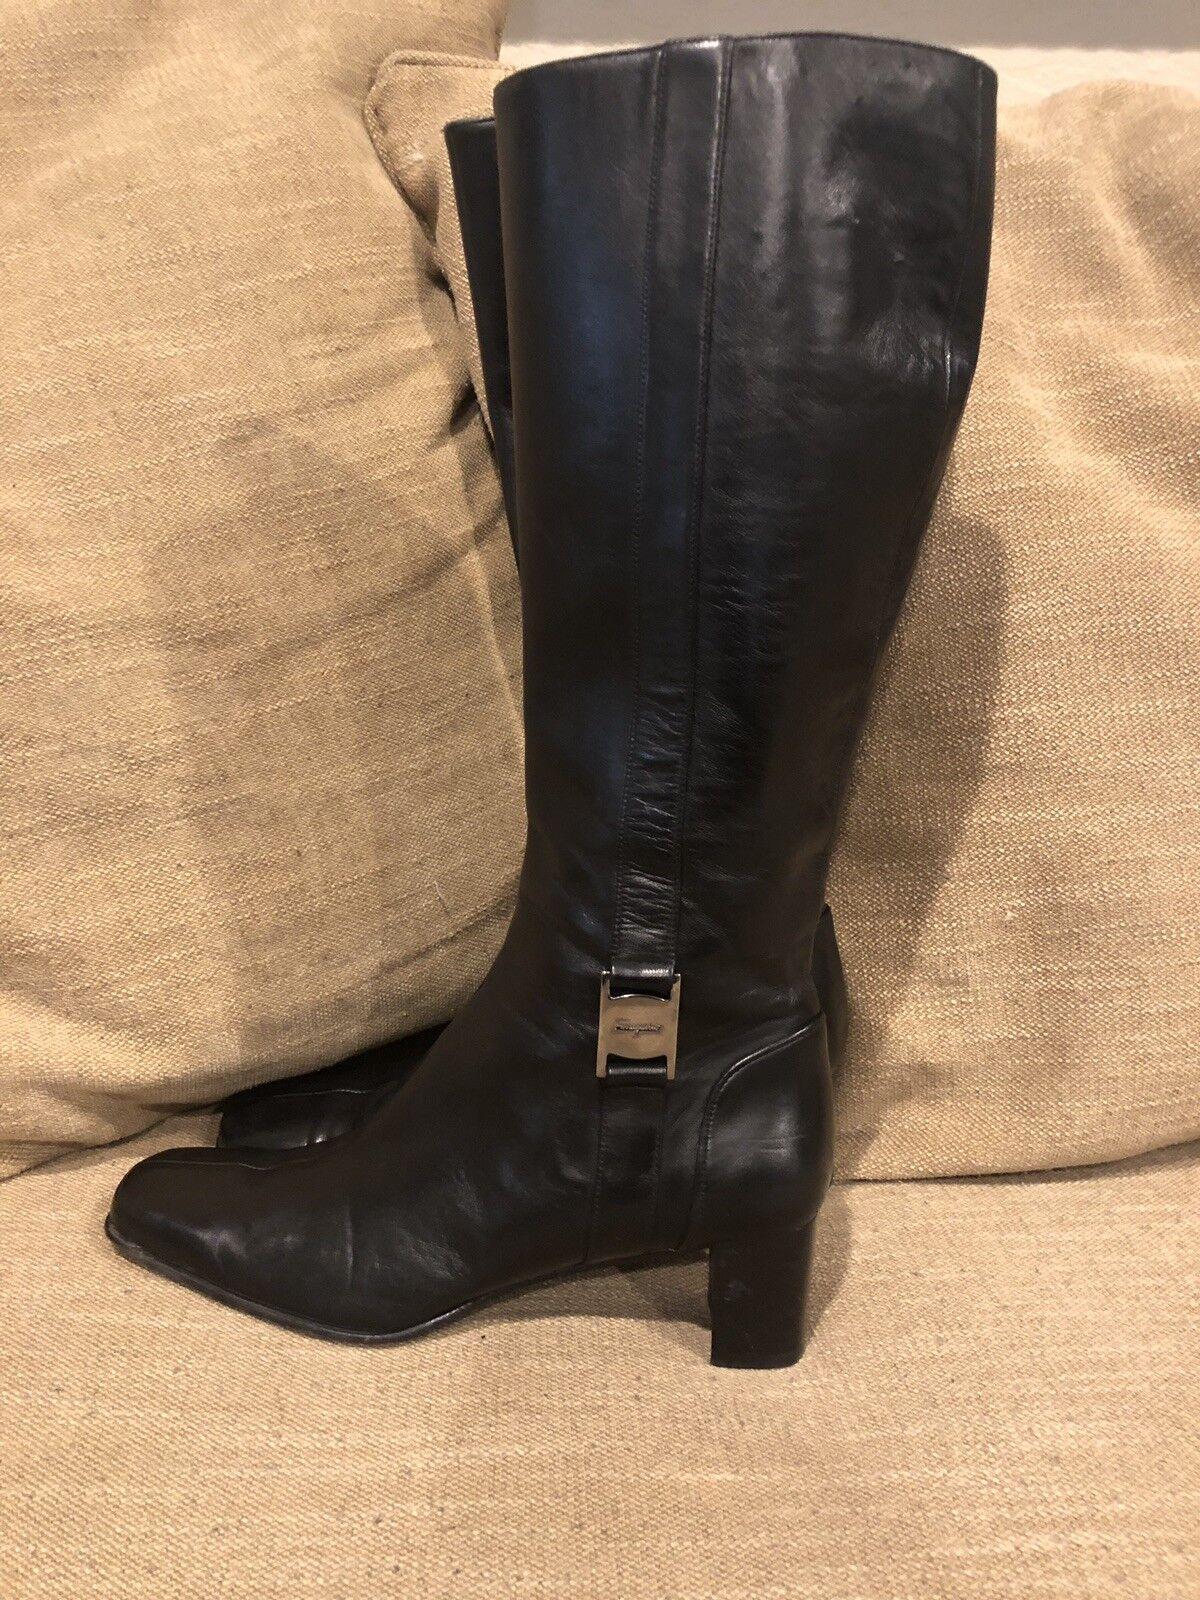 Salvatore Ferragamo Ferragamo Ferragamo Black Knee High Leather Boots- Size 7B 6ae93f